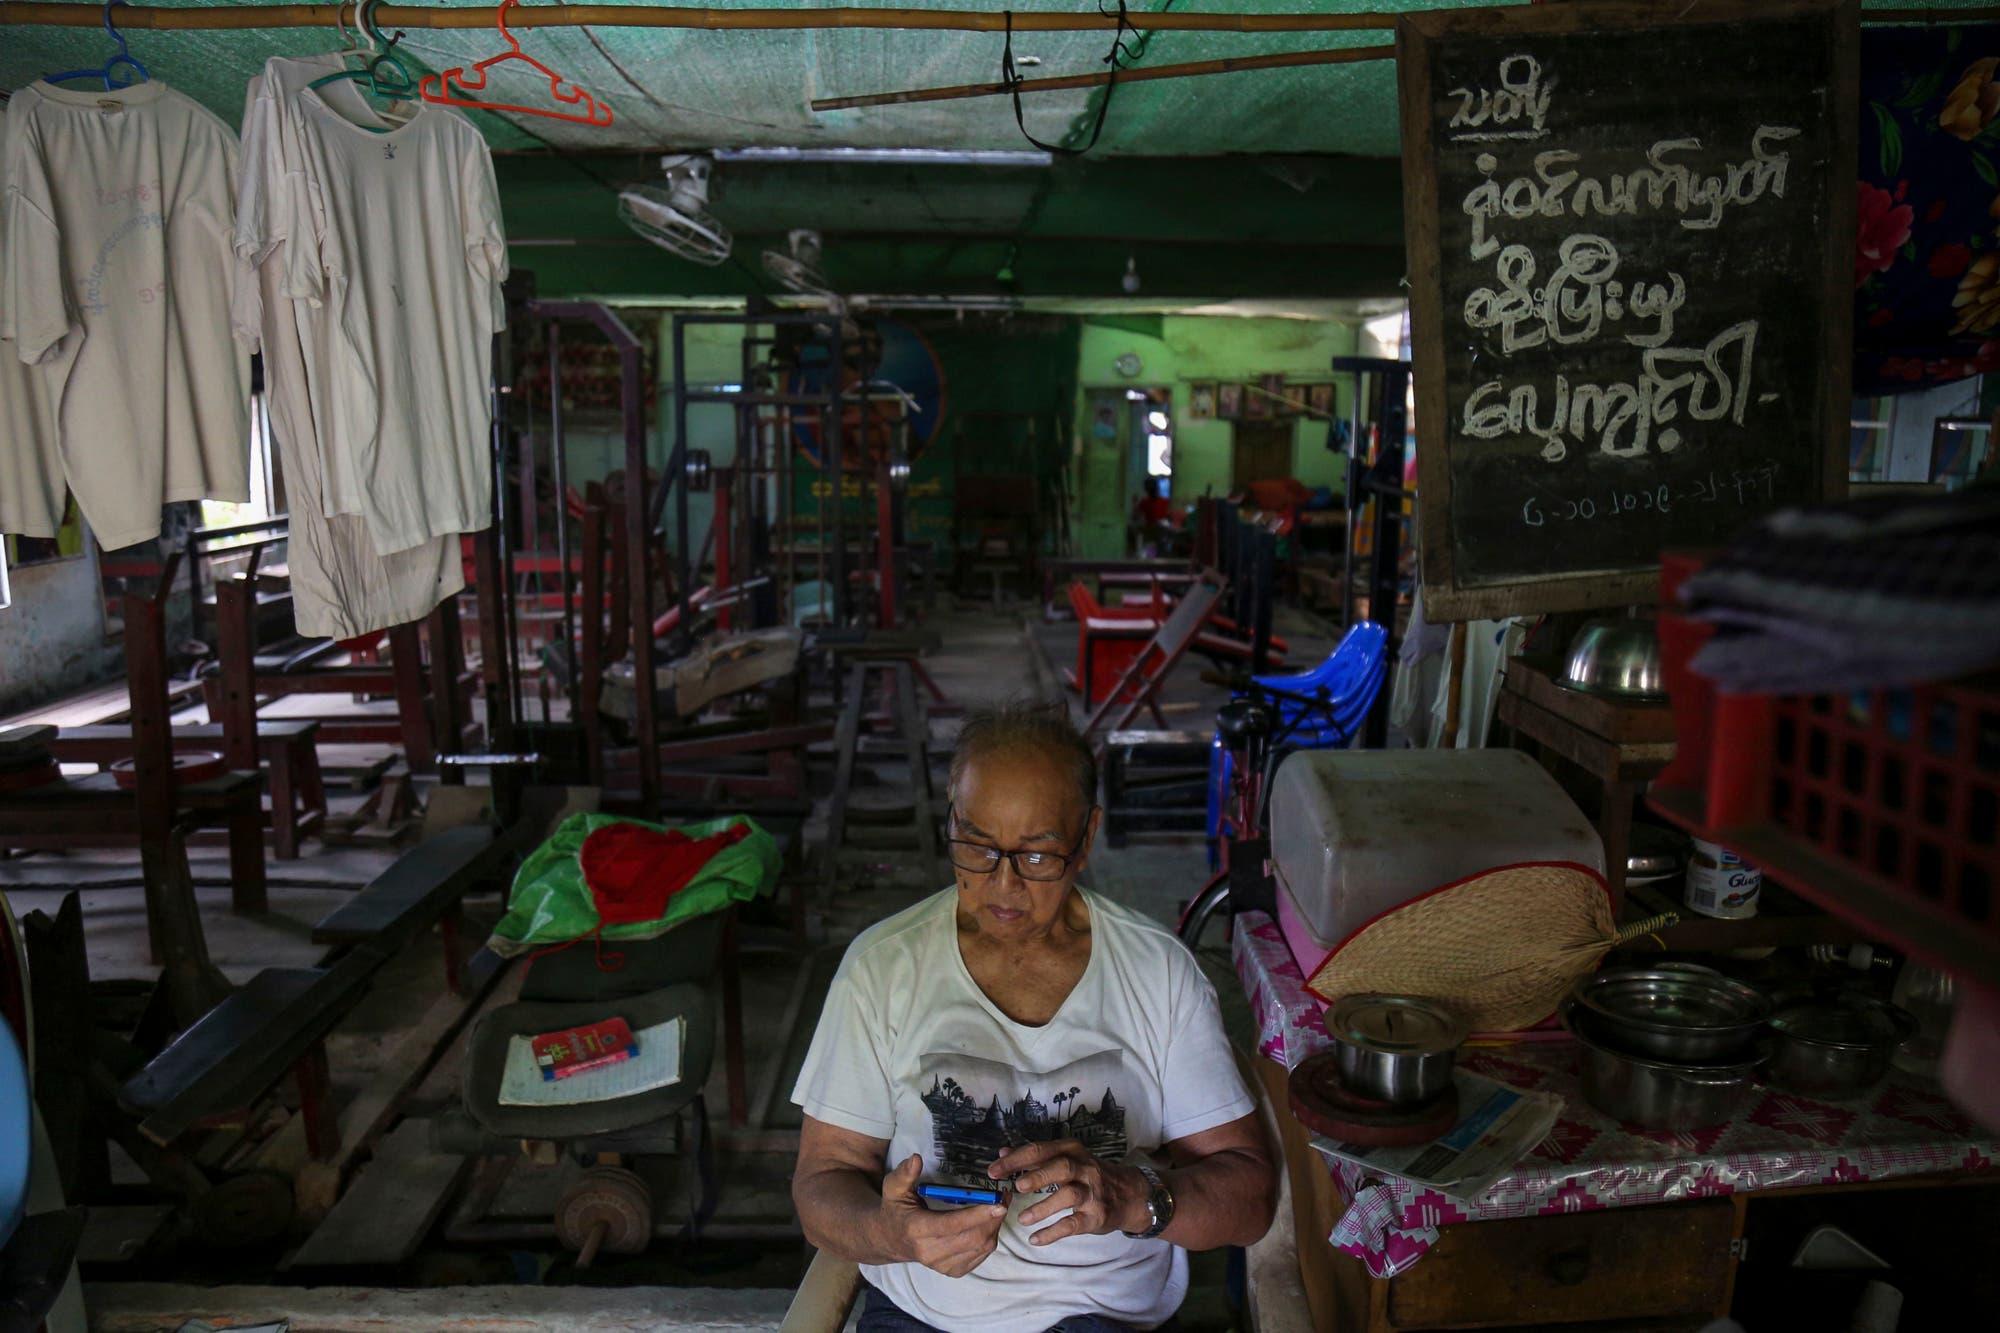 Secreto milenario: el fisicoculturista birmano que sigue levantando pesas a los 91 años